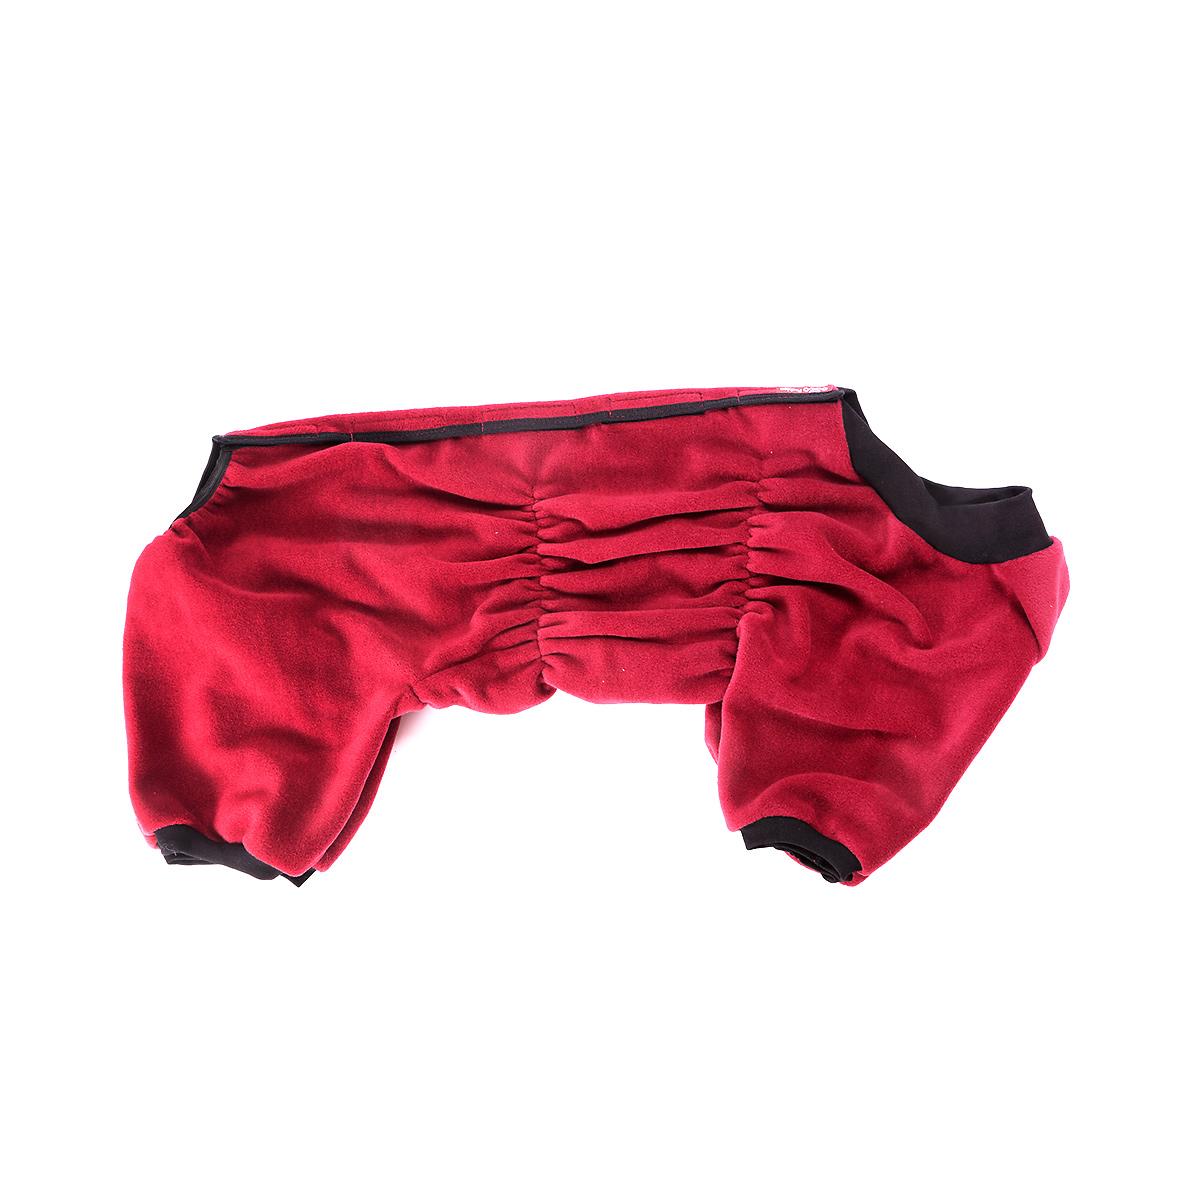 Комбинезон для собак OSSO Fashion, для девочки, цвет: бордовый. Размер 6012171996Комбинезон для собак OSSO Fashion выполнен из флиса. Комфортная посадка по корпусу достигается за счет резинок-утяжек под грудью и животом. На воротнике имеются завязки, для дополнительной фиксации. Можно носить самостоятельно и как поддевку под комбинезон для собак. Изделие отлично стирается, быстро сохнет.Длина спинки: 60 см.Объем груди: 68-100 см.